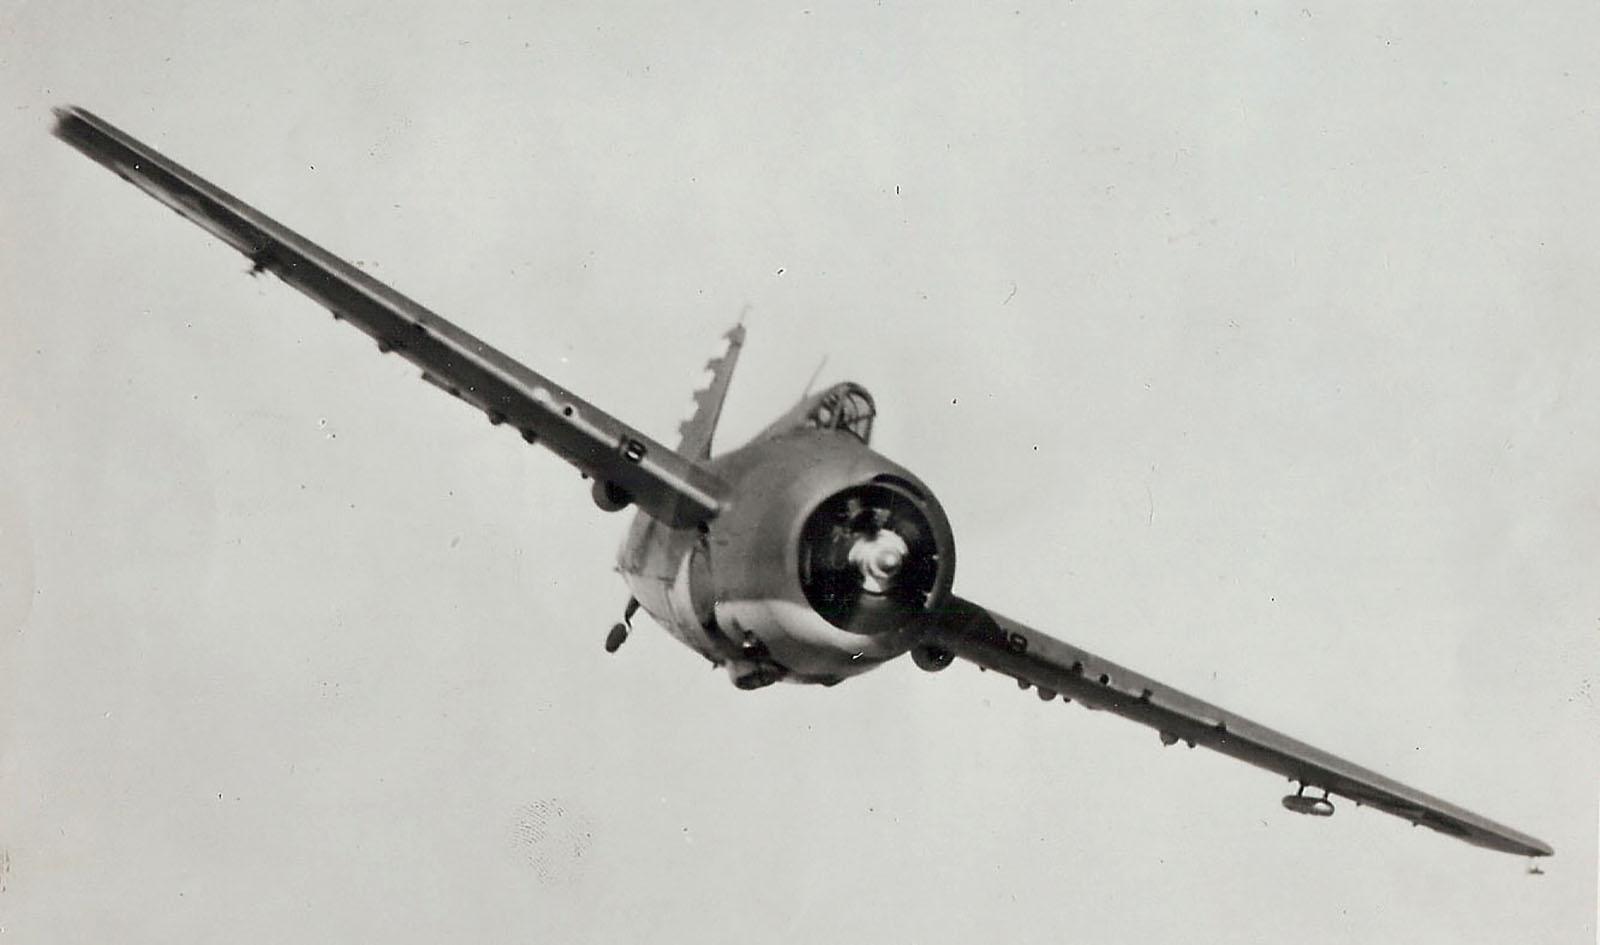 Grumman F4F 3 Wildcat Black 18 head on 01